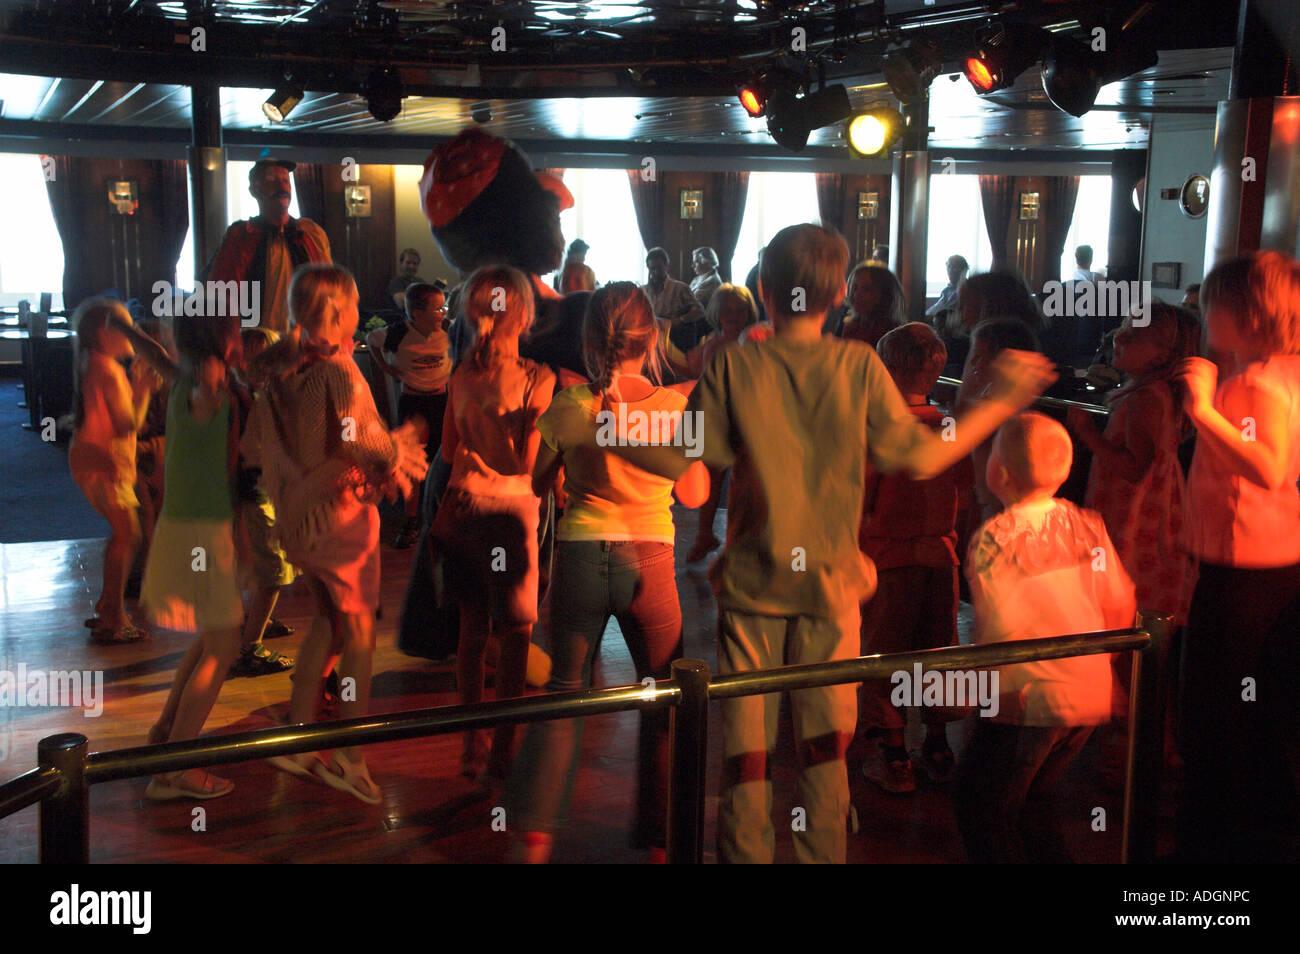 Traghetto discoteca mare del Nord dfds Immagini Stock